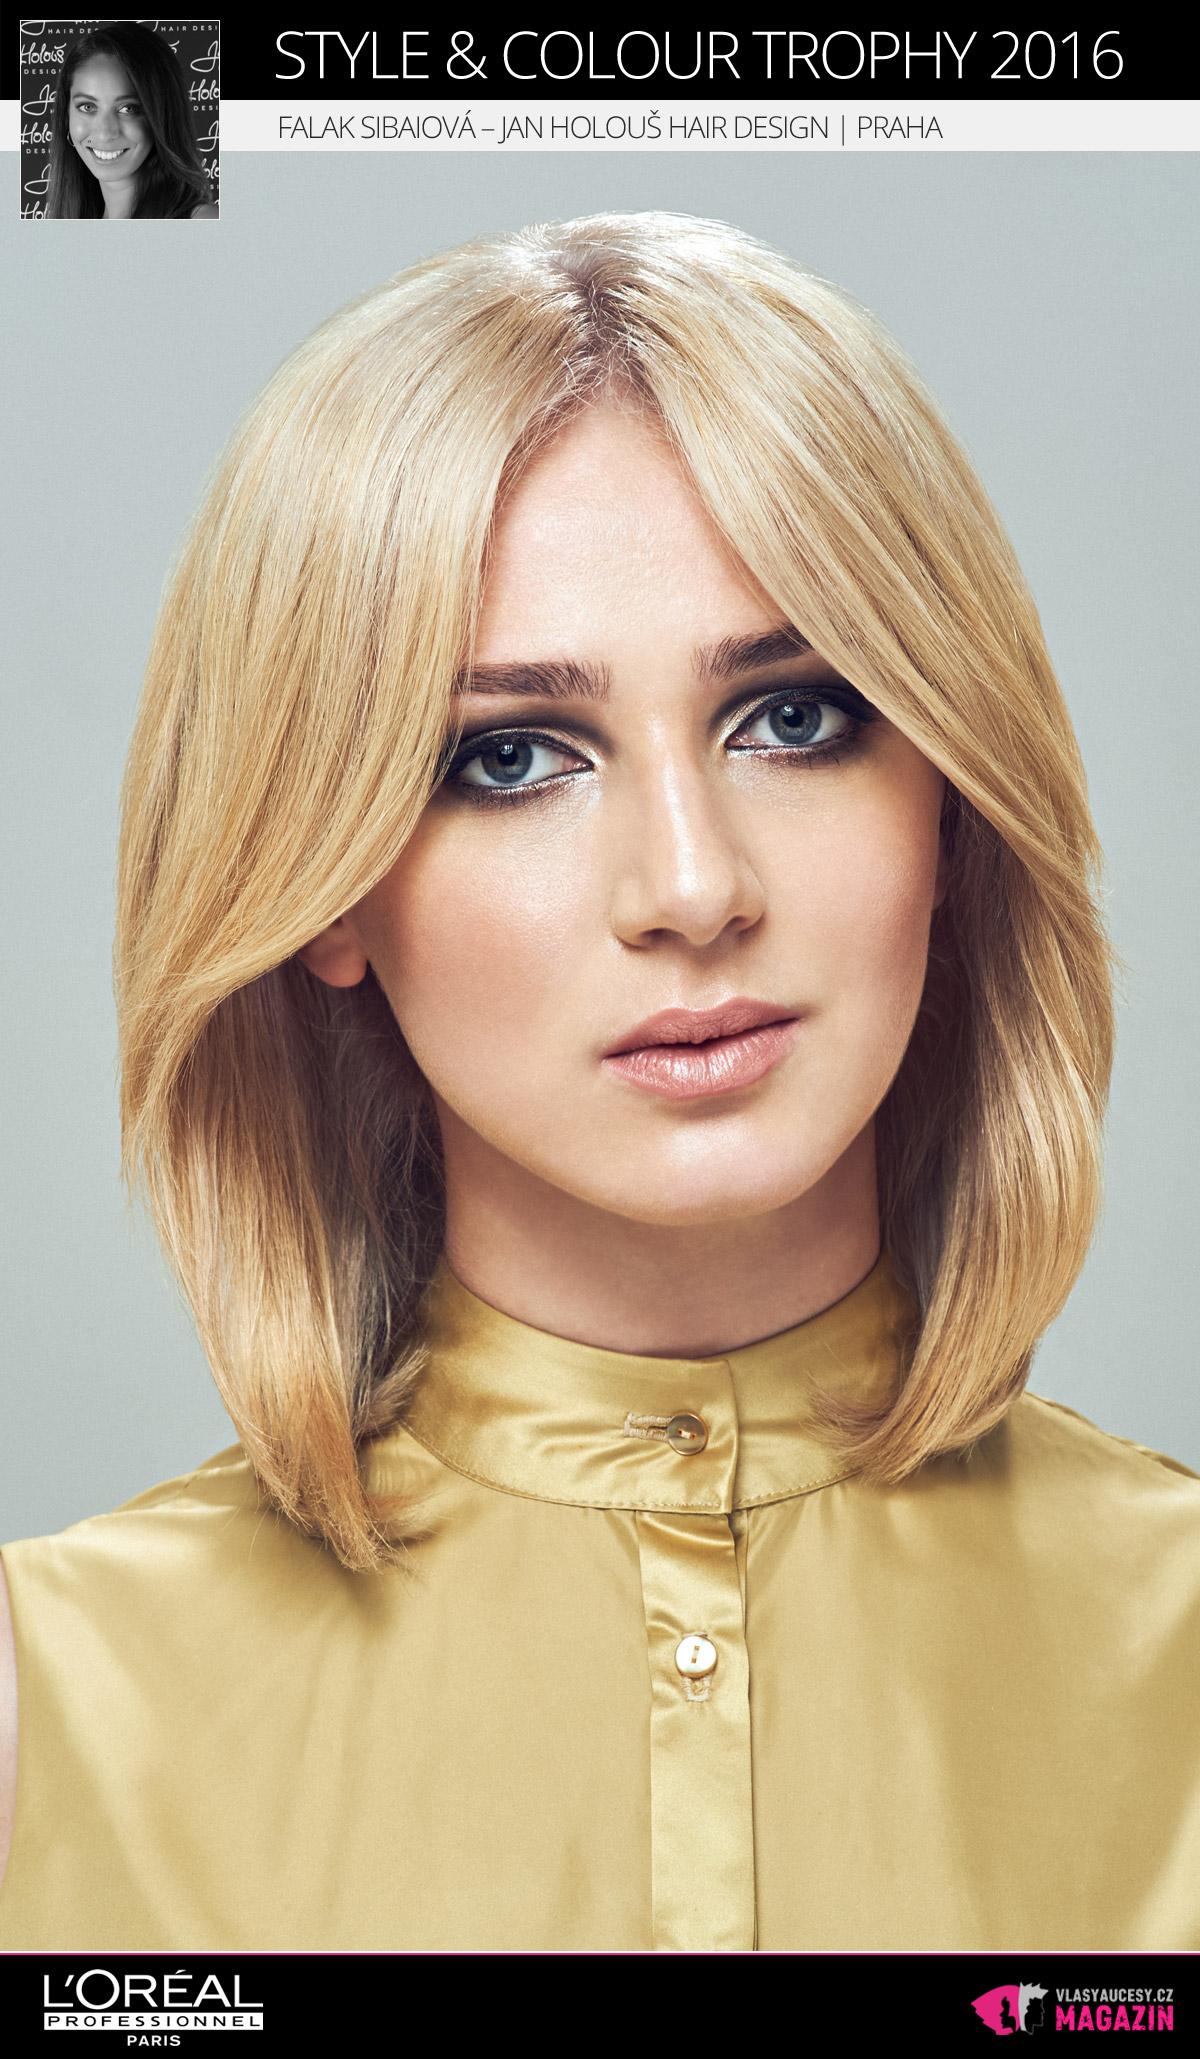 Falak Sibaiová – Jan Holouš Hair Design, Praha | L'Oréal Style & Colour Trophy 2016